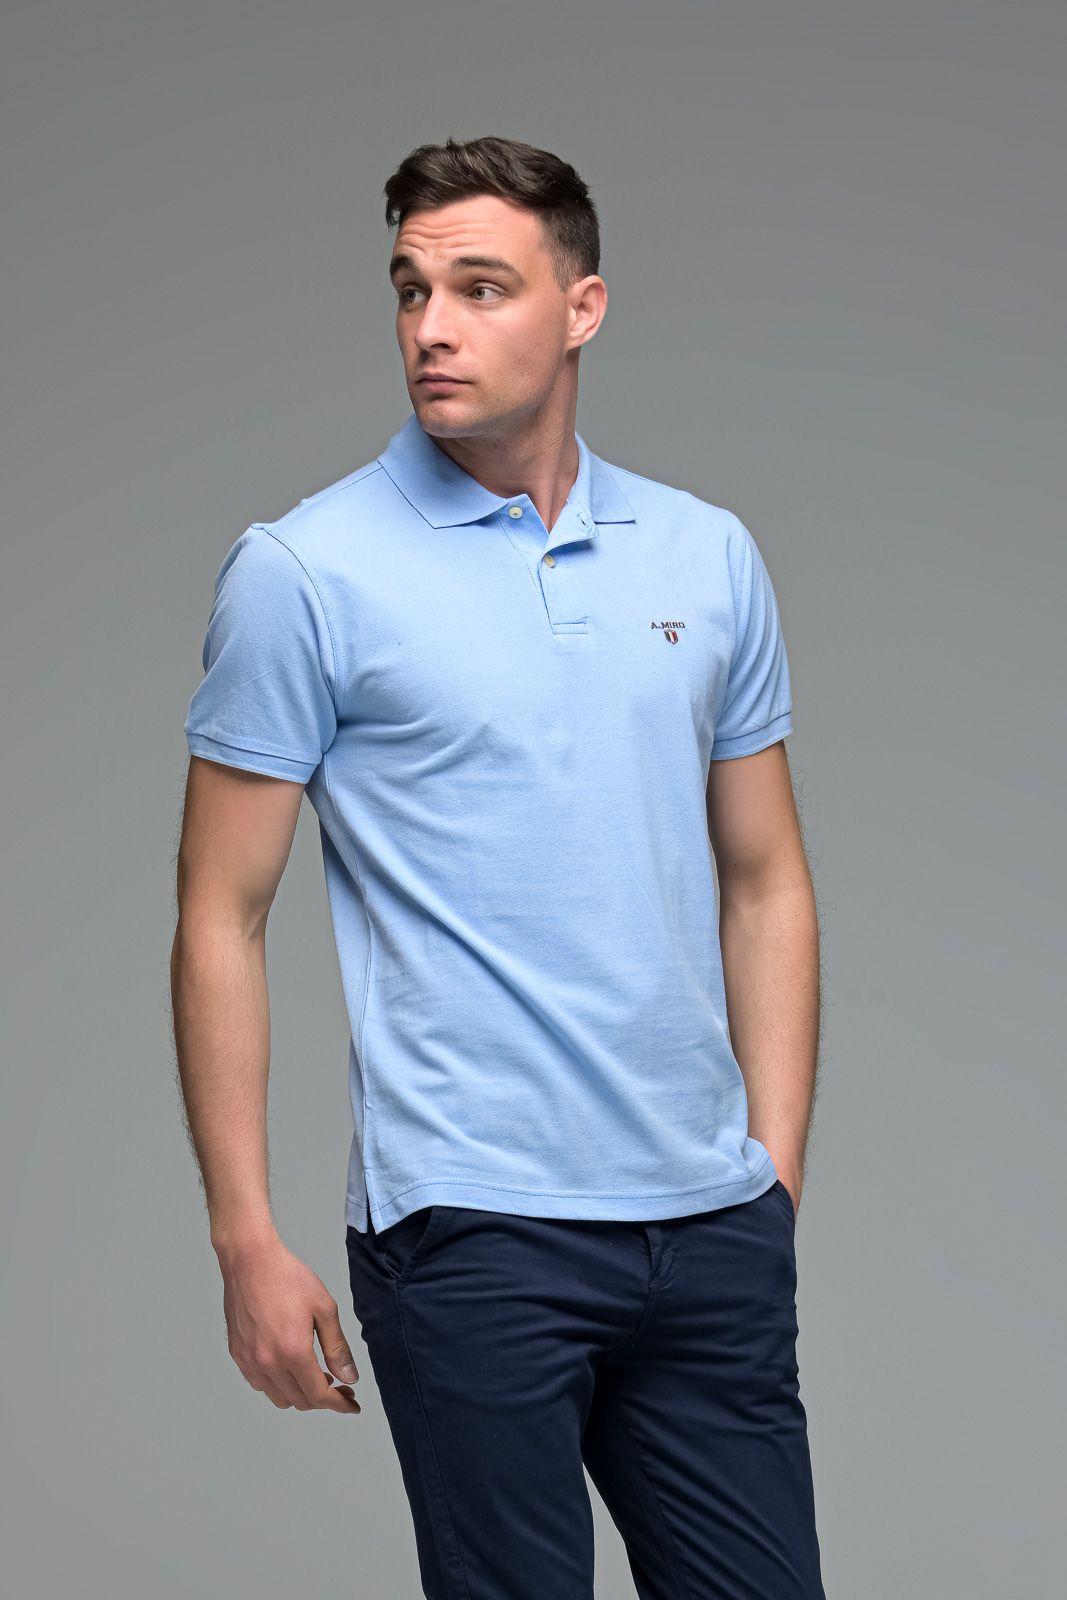 Μονόχρωμο Ανδρικό Πόλο Μπλουζάκι Σιελ Μπλε Basic Collection- Slim Fit